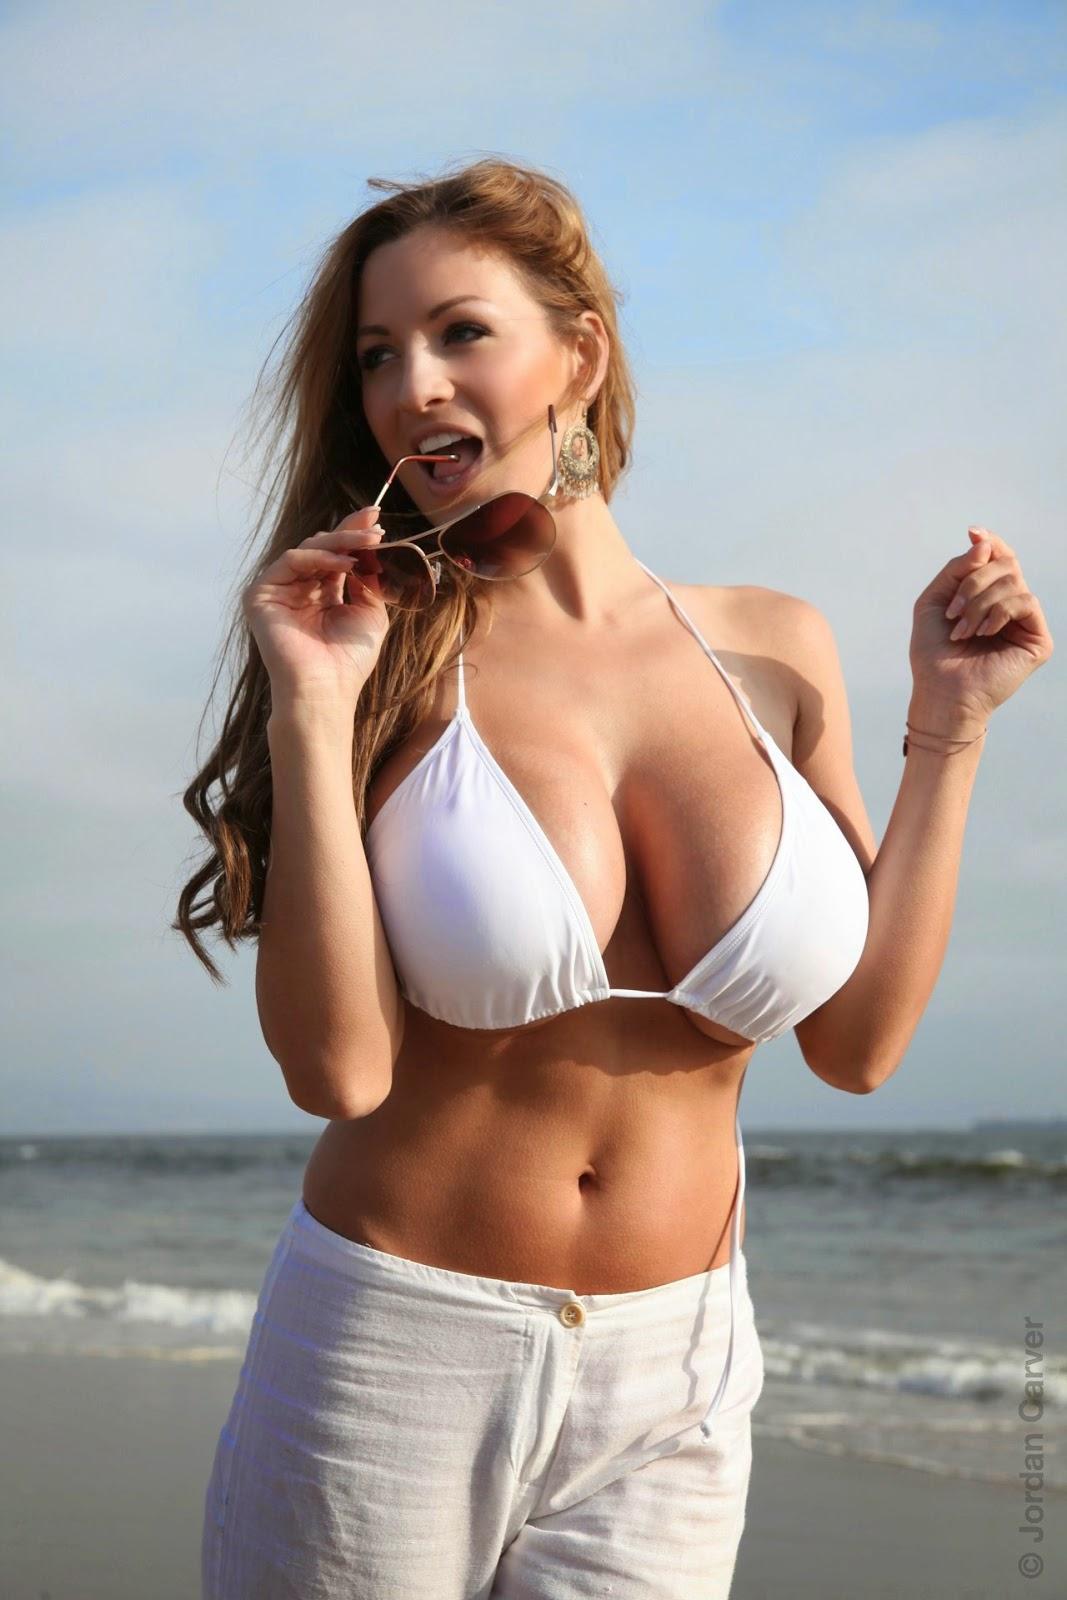 Boobs In Bikini